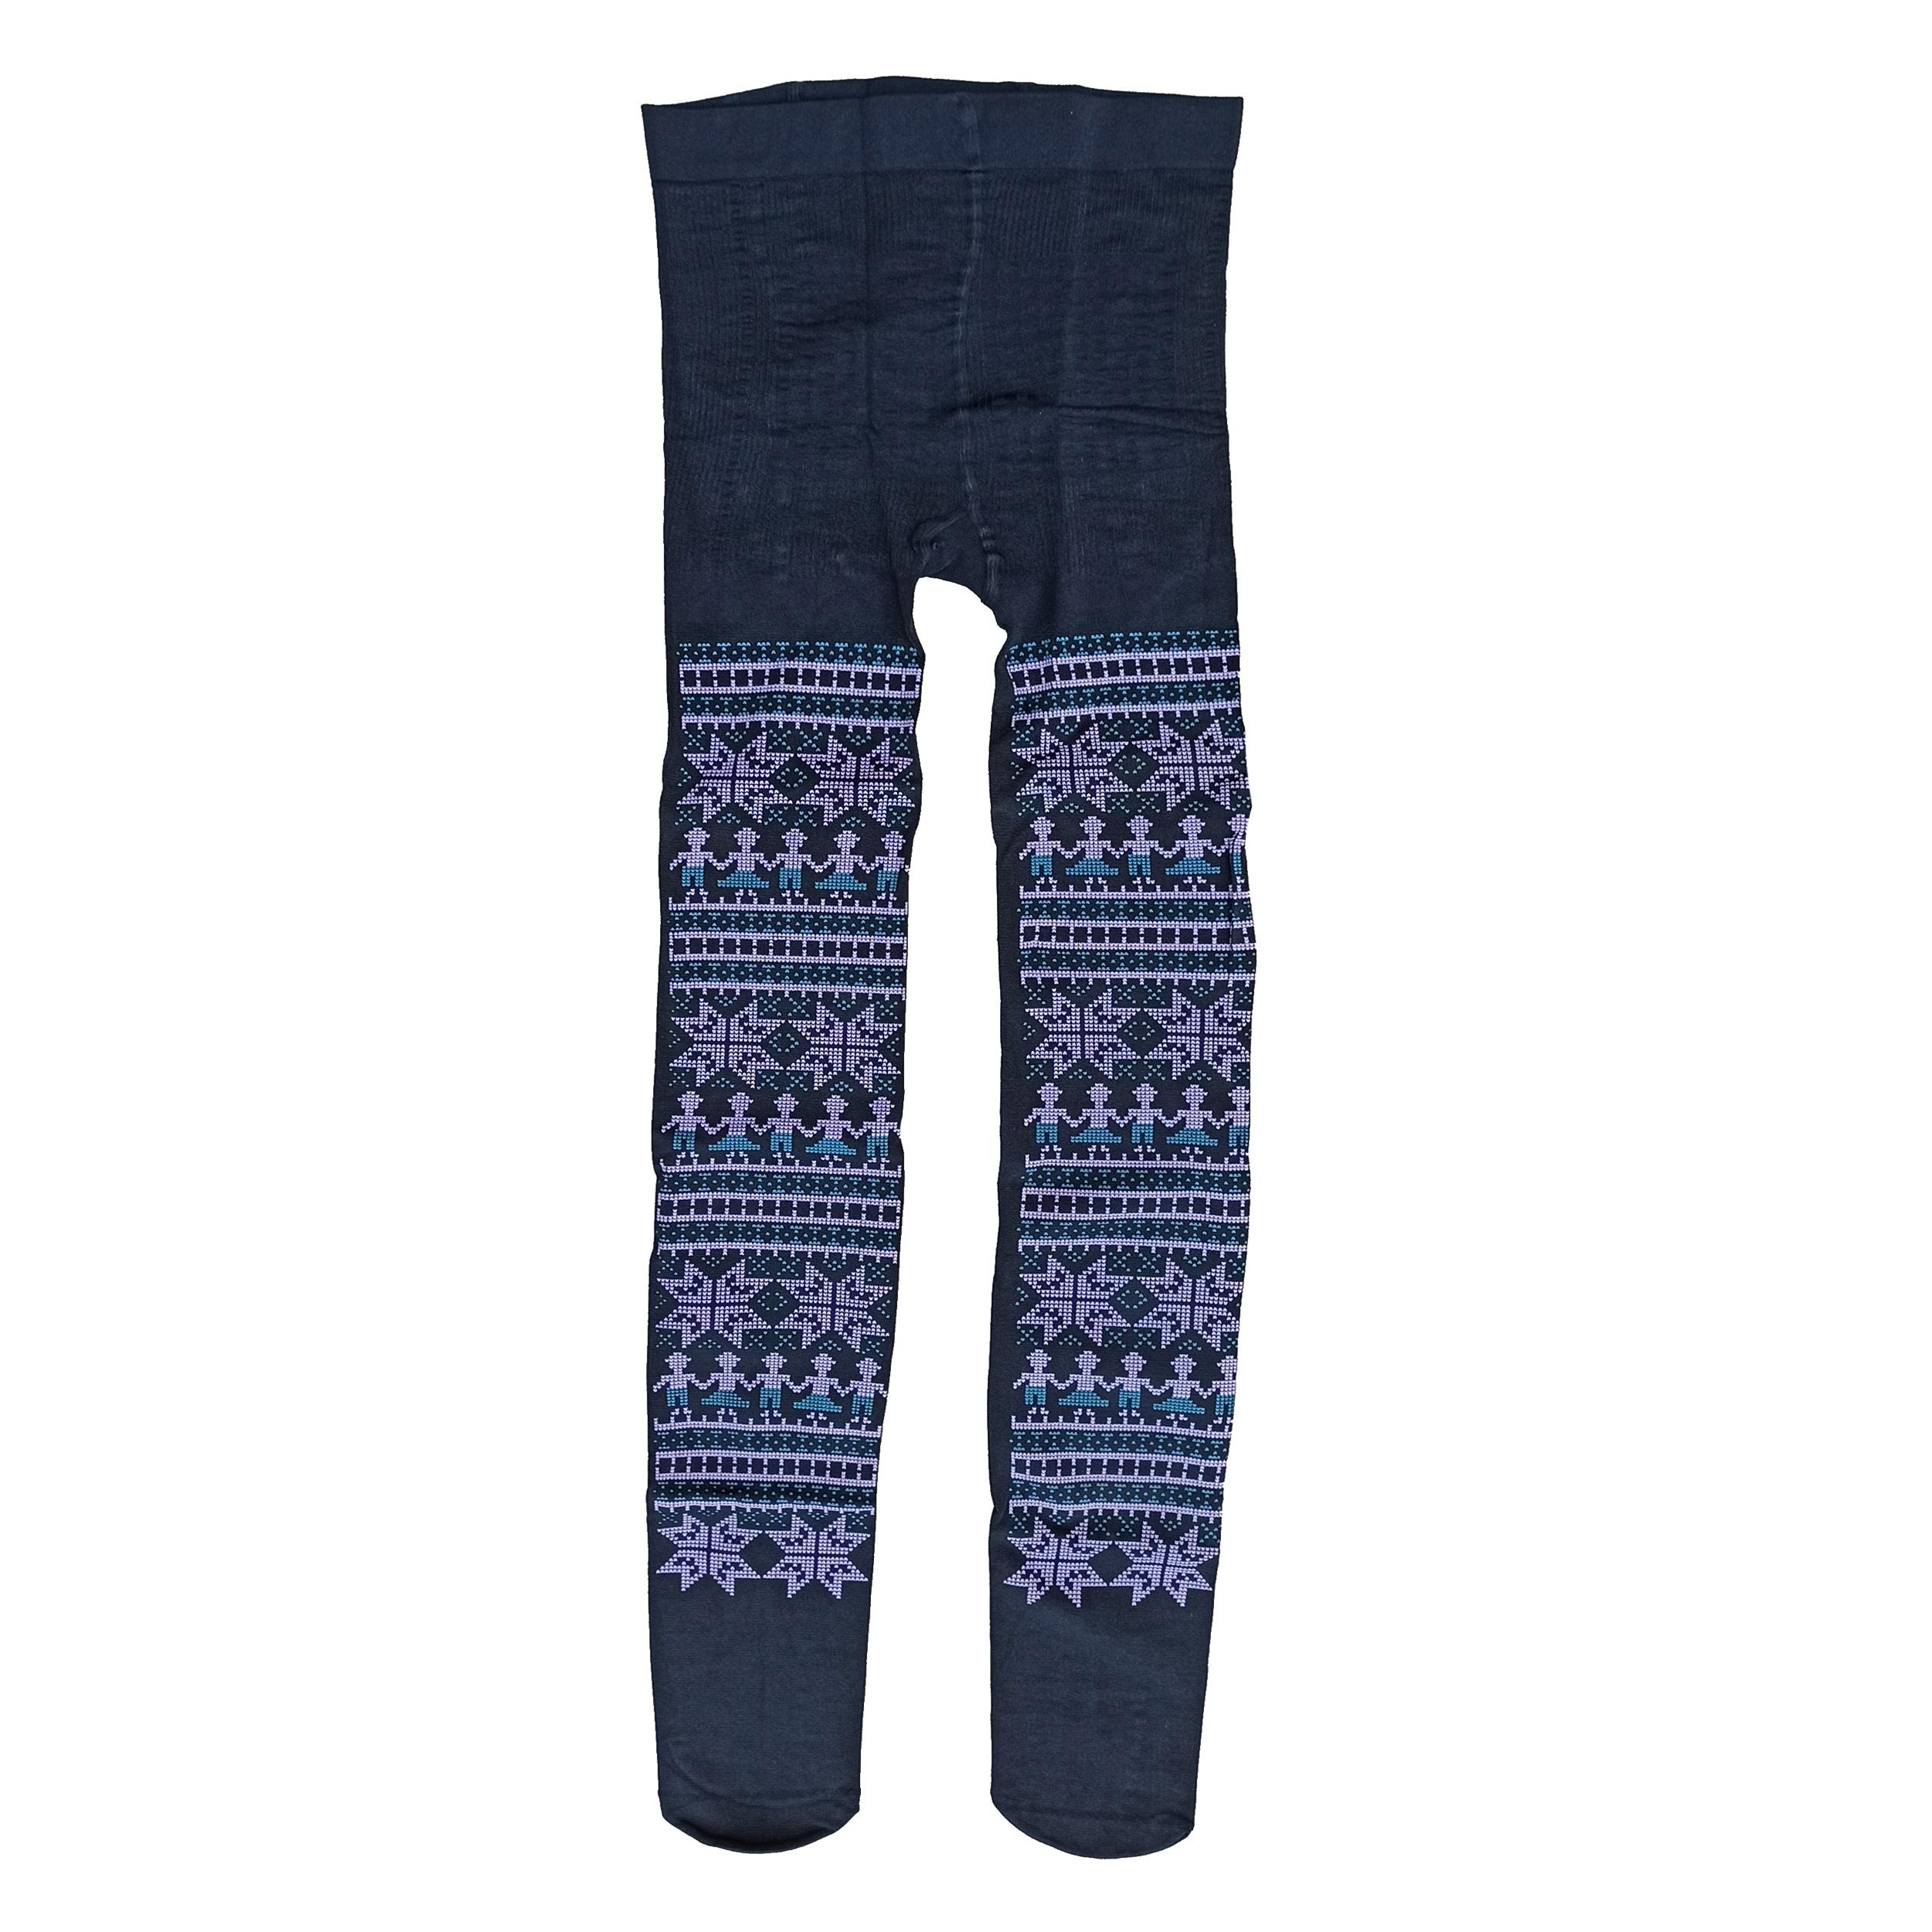 جوراب شلواری زنانه پِنتی مدل dEN T 200 رنگ مشکی